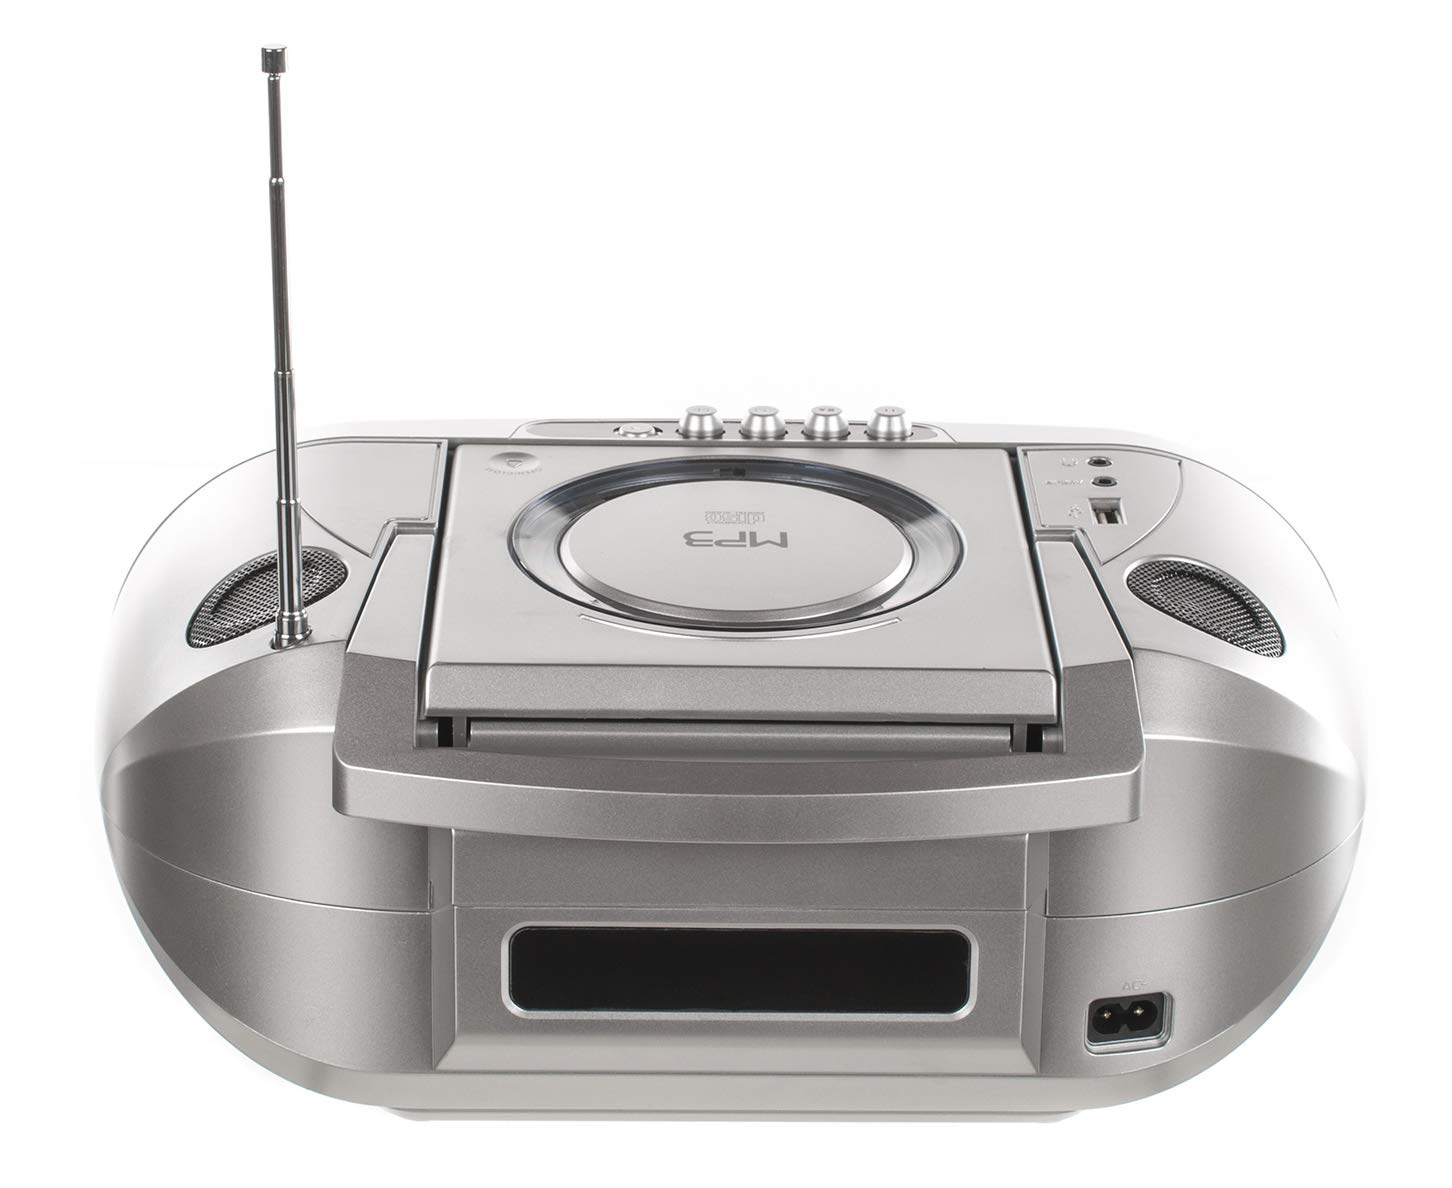 Dual P 200/cassetta DAB Radio con lettore CD/ /Radio DAB /boom box/ /CD/ /Altoparlante stereo/ /connessione USB/ /Ingresso AUX/ + /Re //FM/